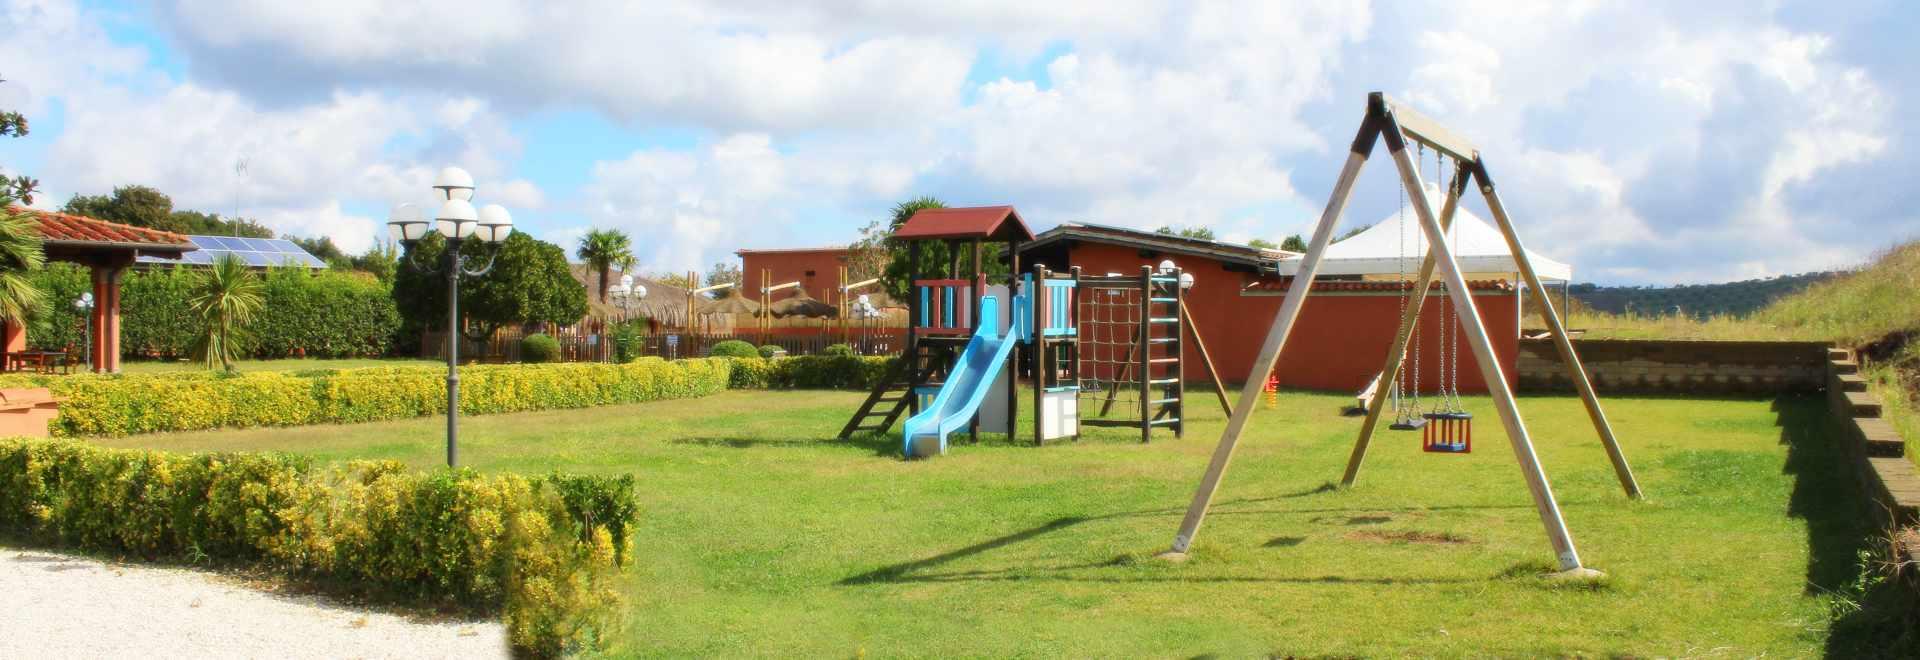 Agriturismo con parco giochi